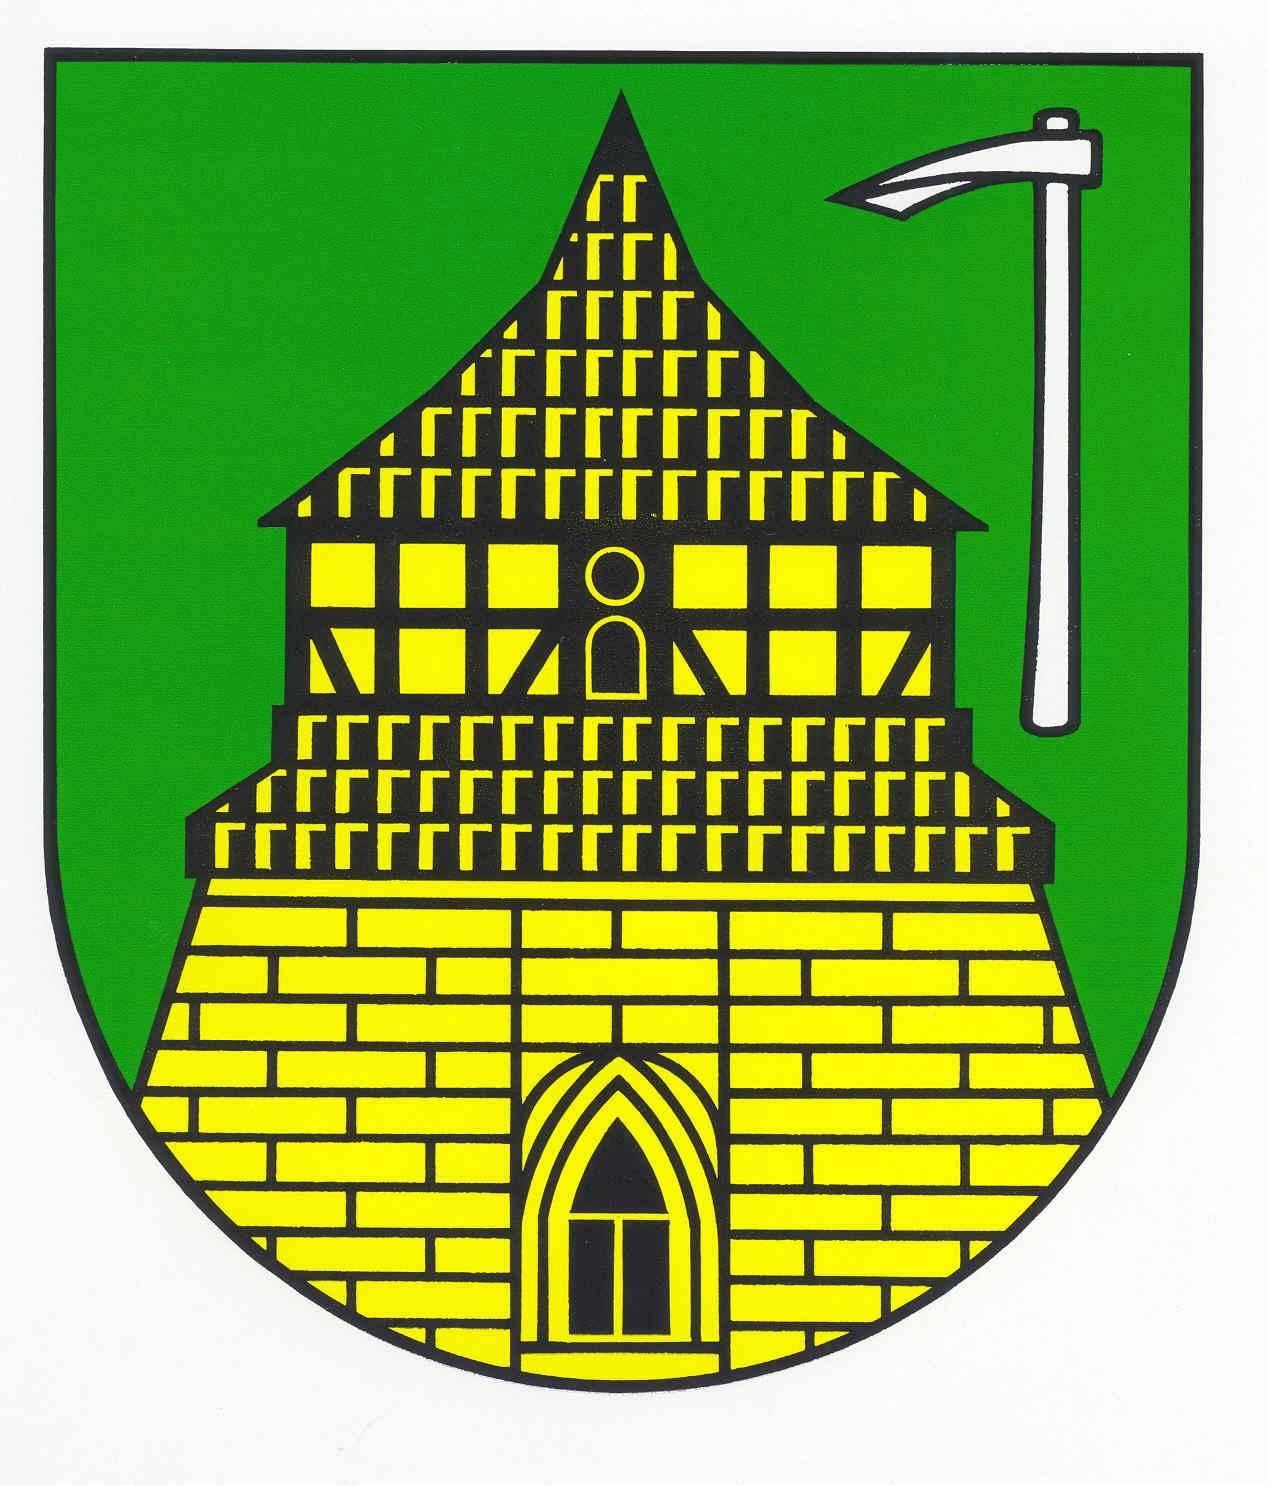 Wappen GemeindeLütau, Kreis Herzogtum Lauenburg